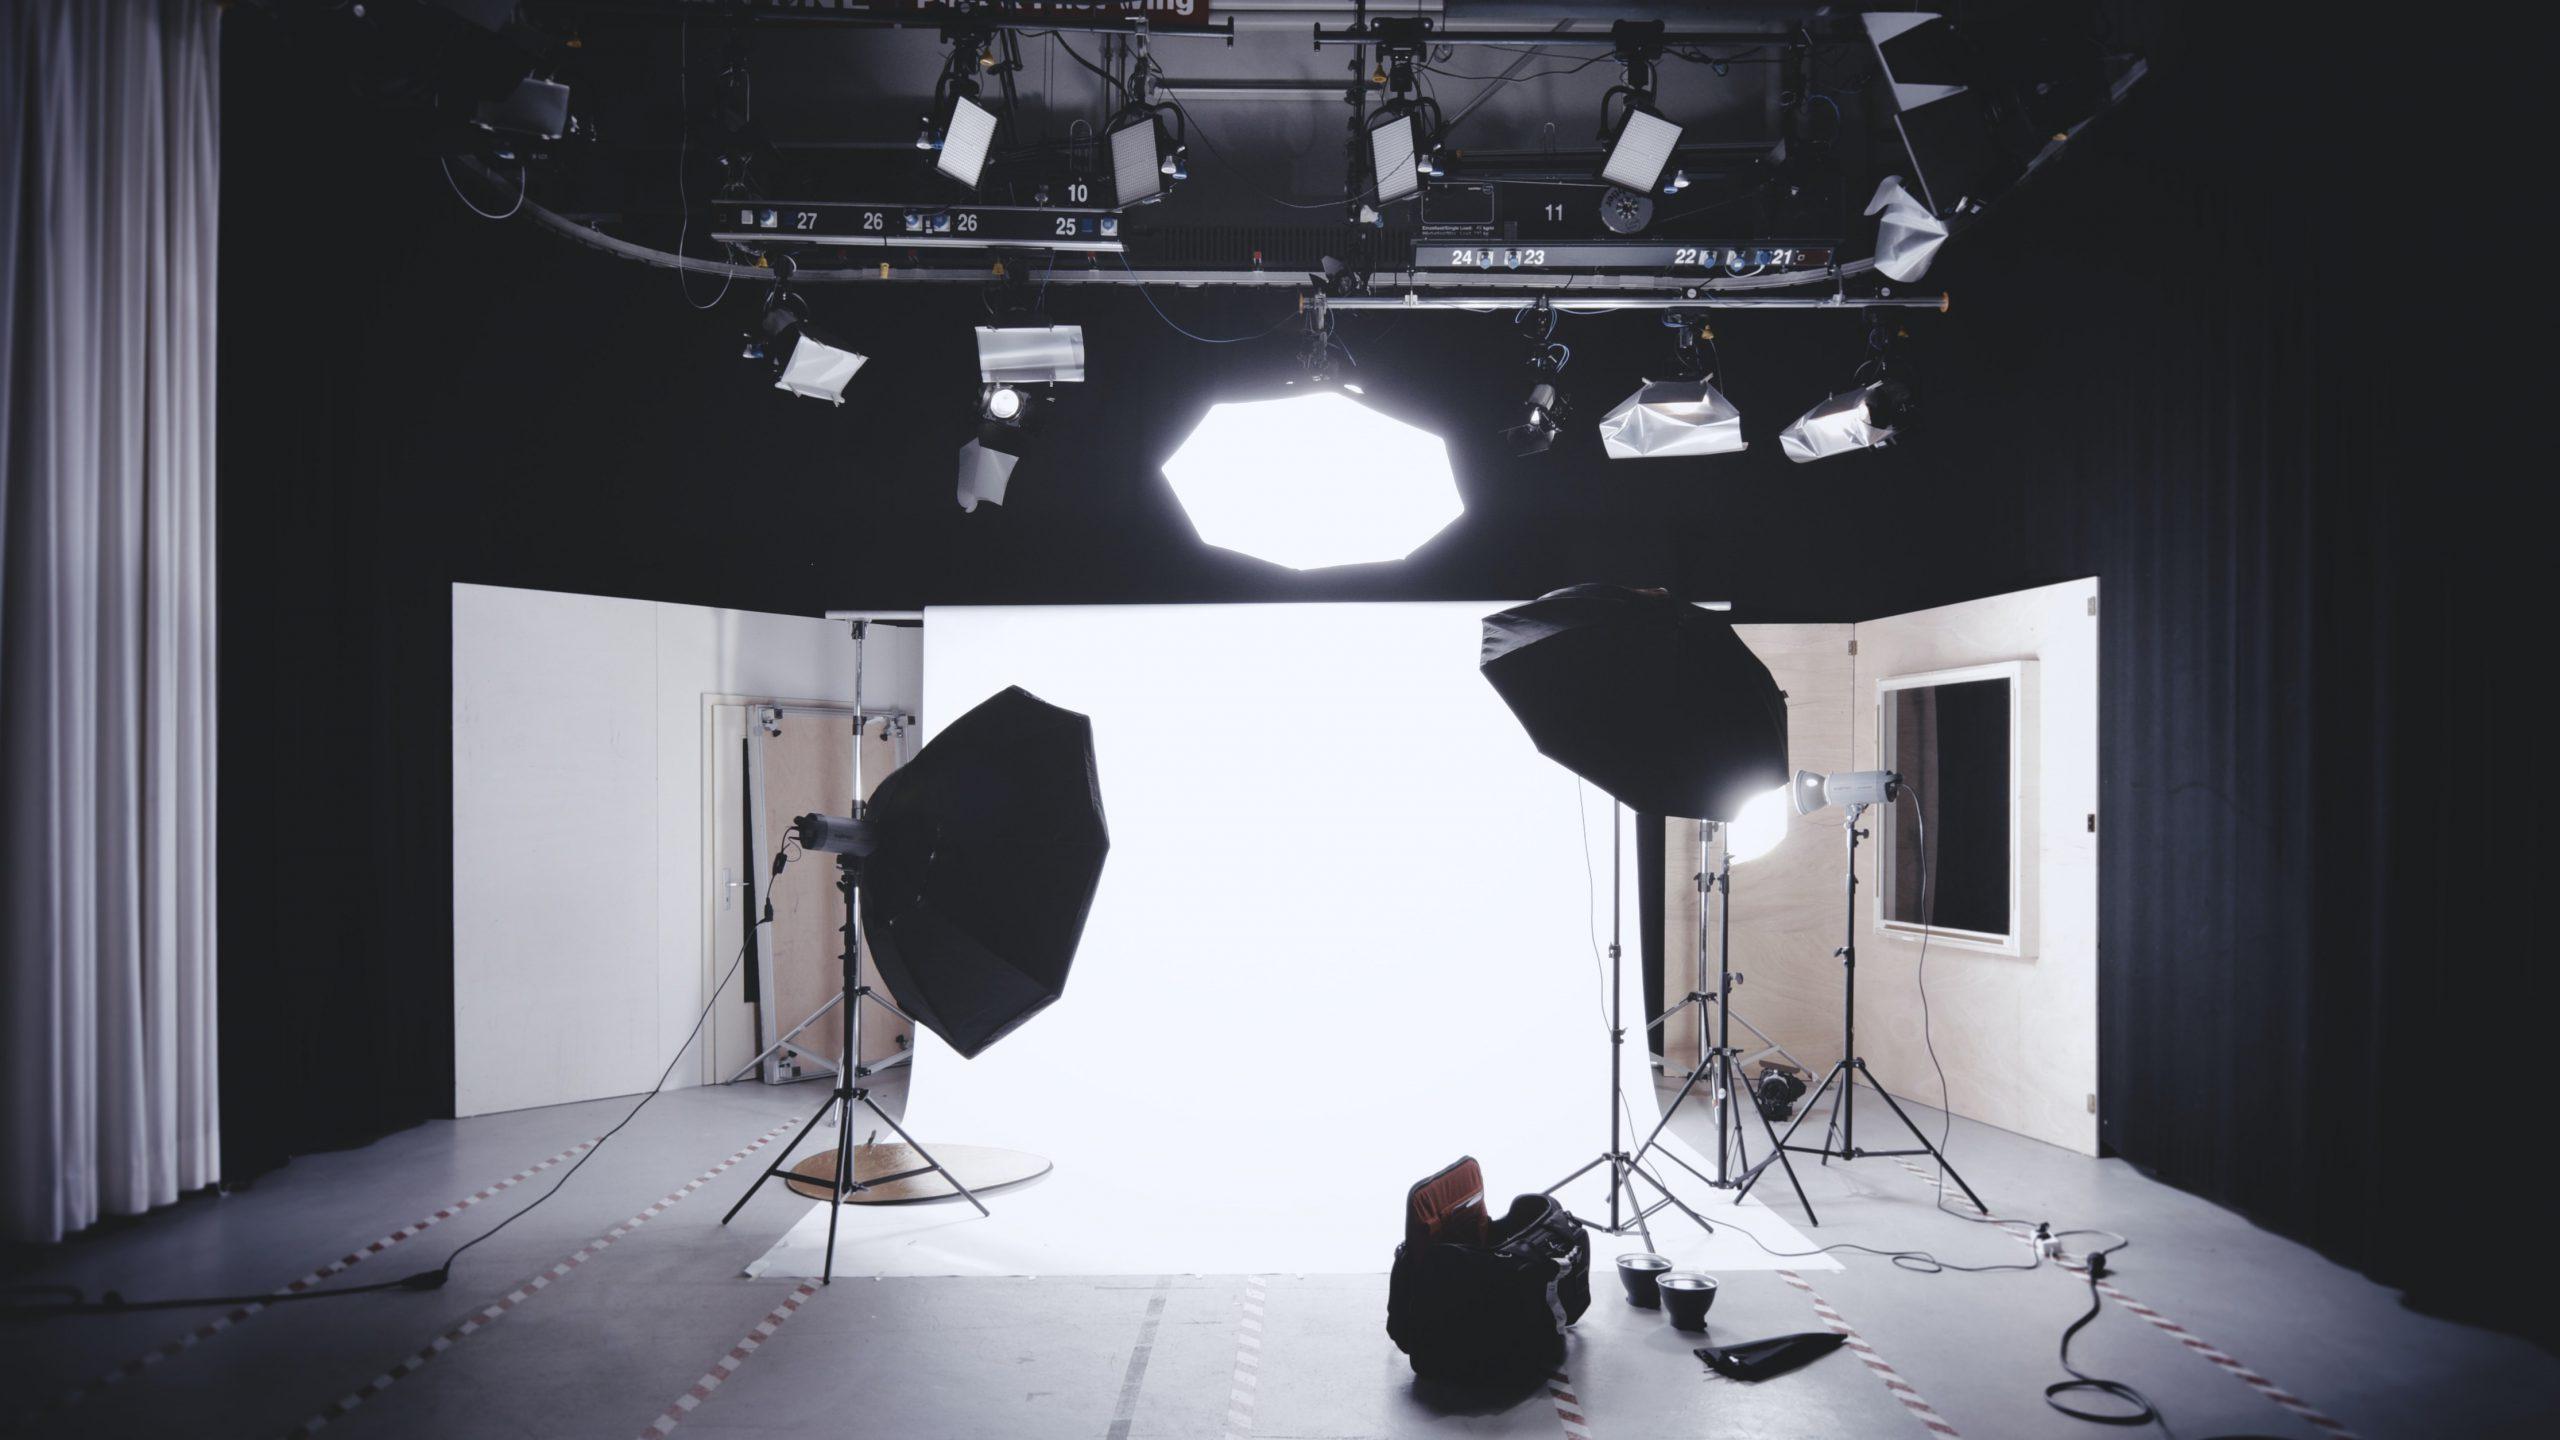 events-photoshoot-slideshow-01-scaled